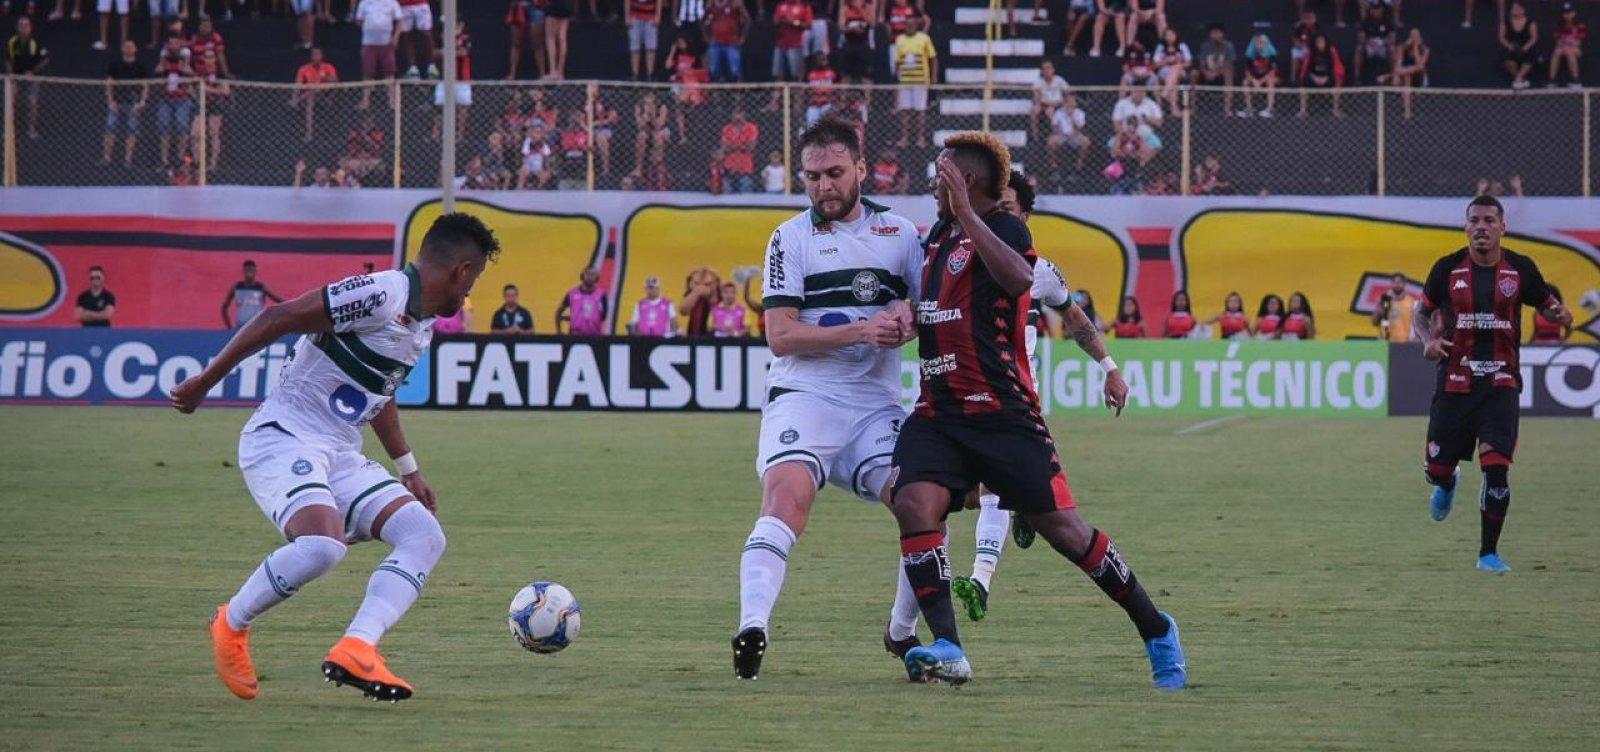 Vitória encerra a temporada com derrota para o Coritiba no Barradão